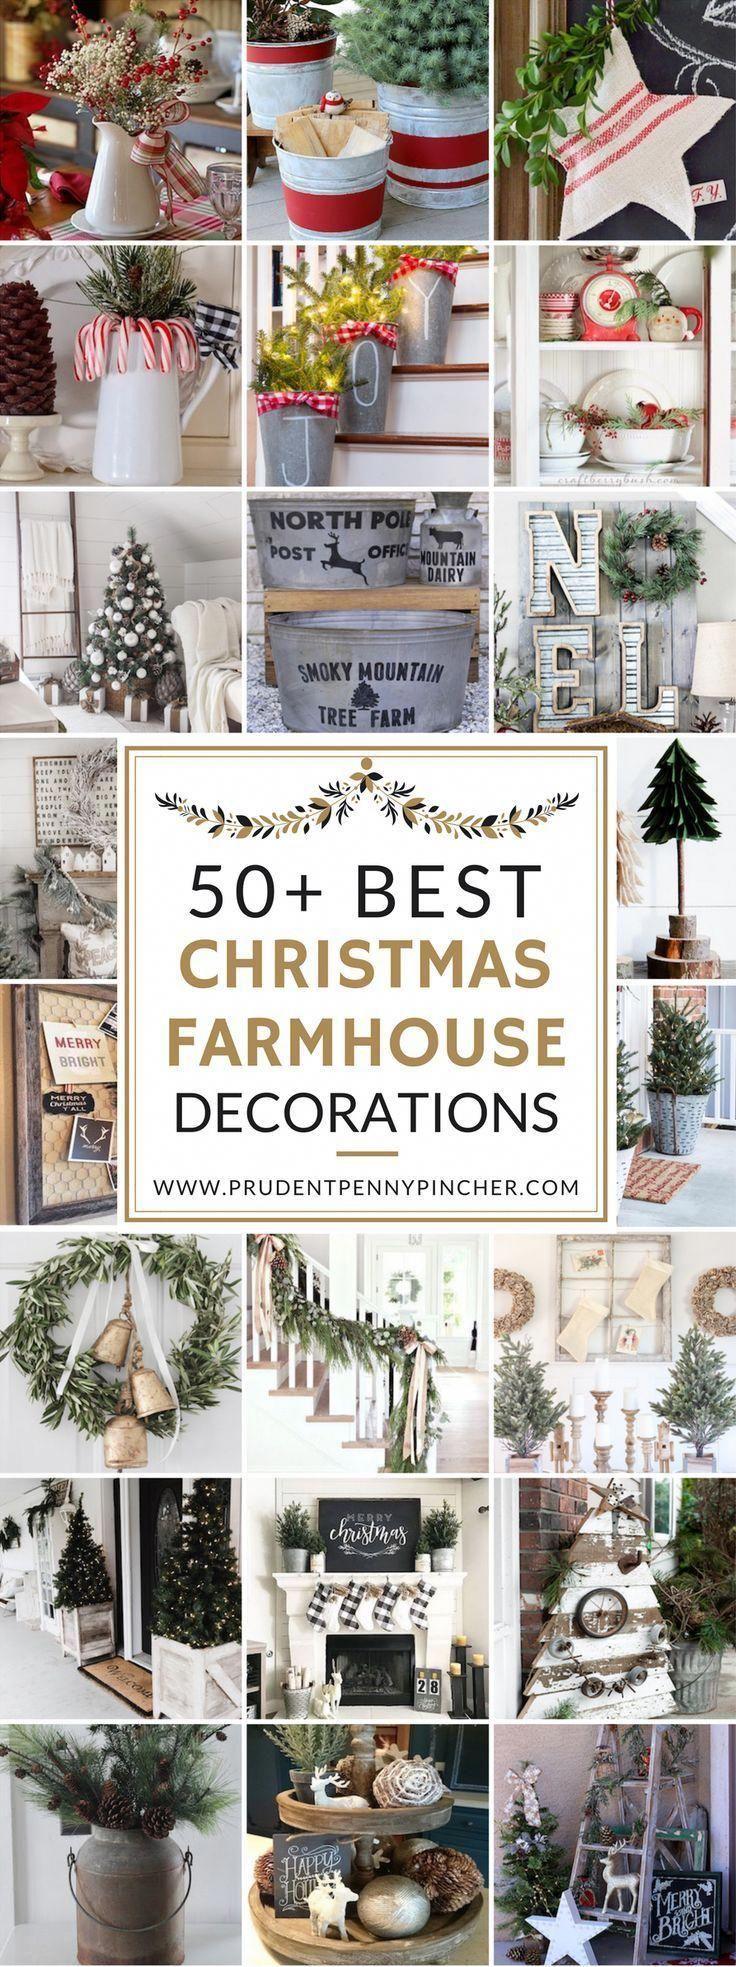 Homemade Christmas Gifts Reddit Christmas Home Tour Kelowna Christmas Decor Diy Christmas Decorations Farmhouse Christmas Decor